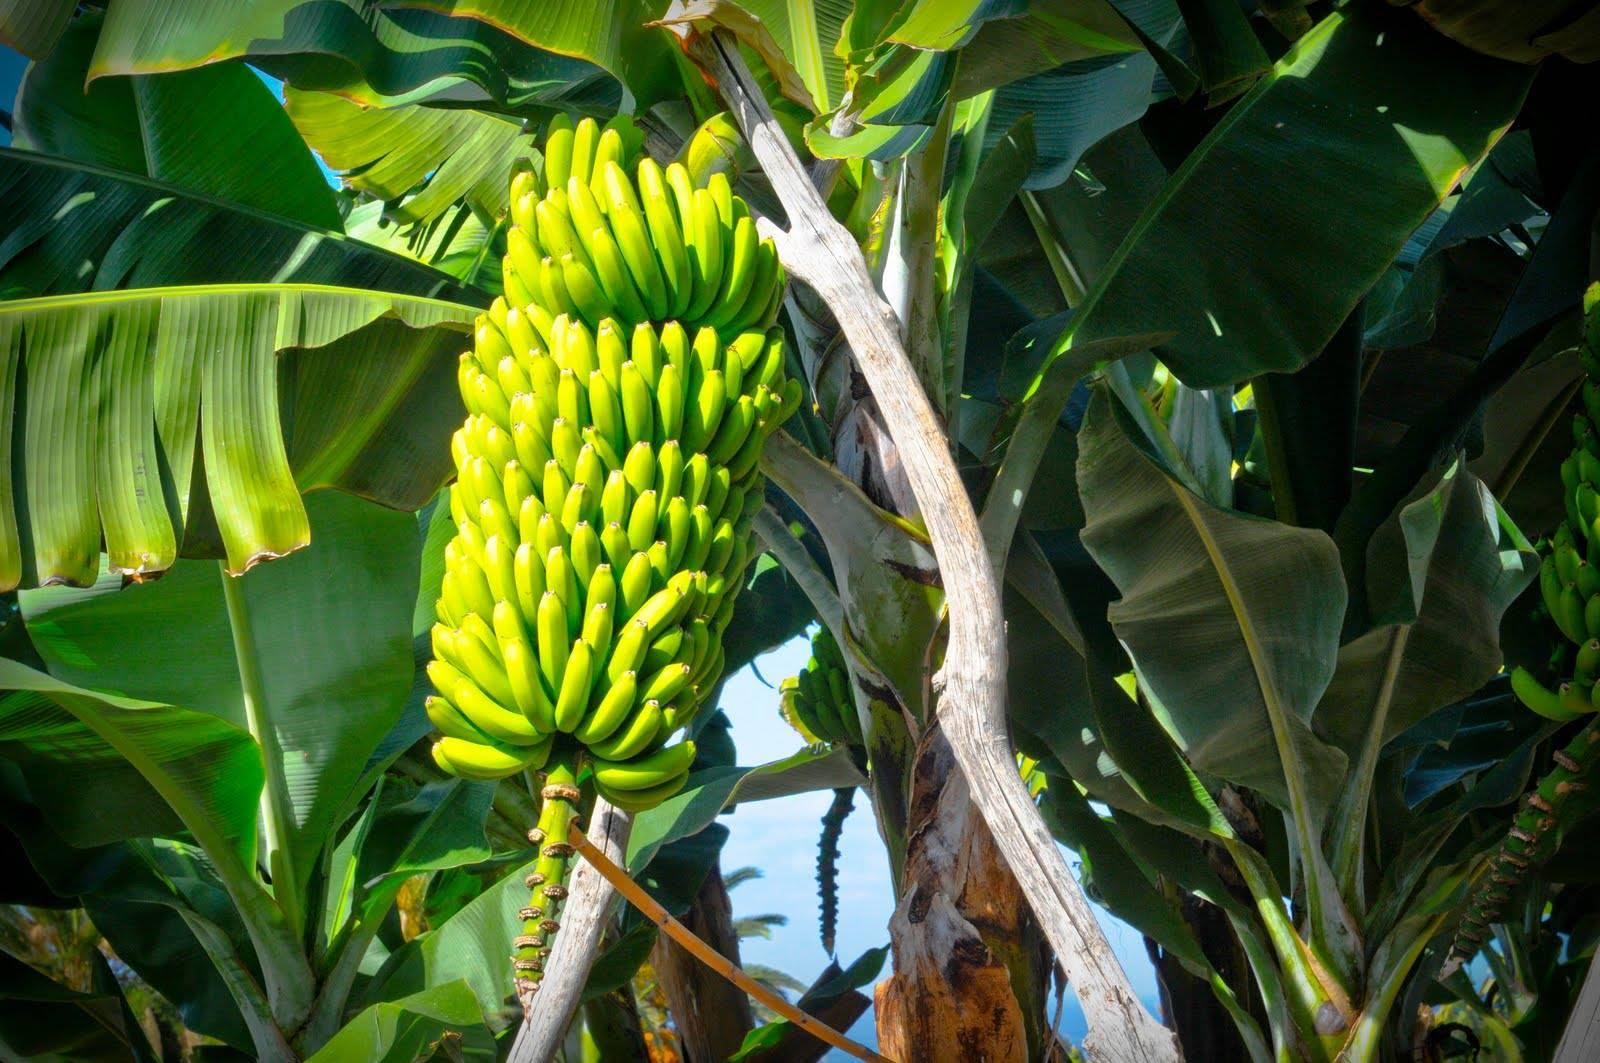 Los bioestimulantes se utilizan y actúan desde que germina la semilla hasta que madura el fruto, siendo importante conocer cuáles son los óptimos para cada fase de desarrollo.